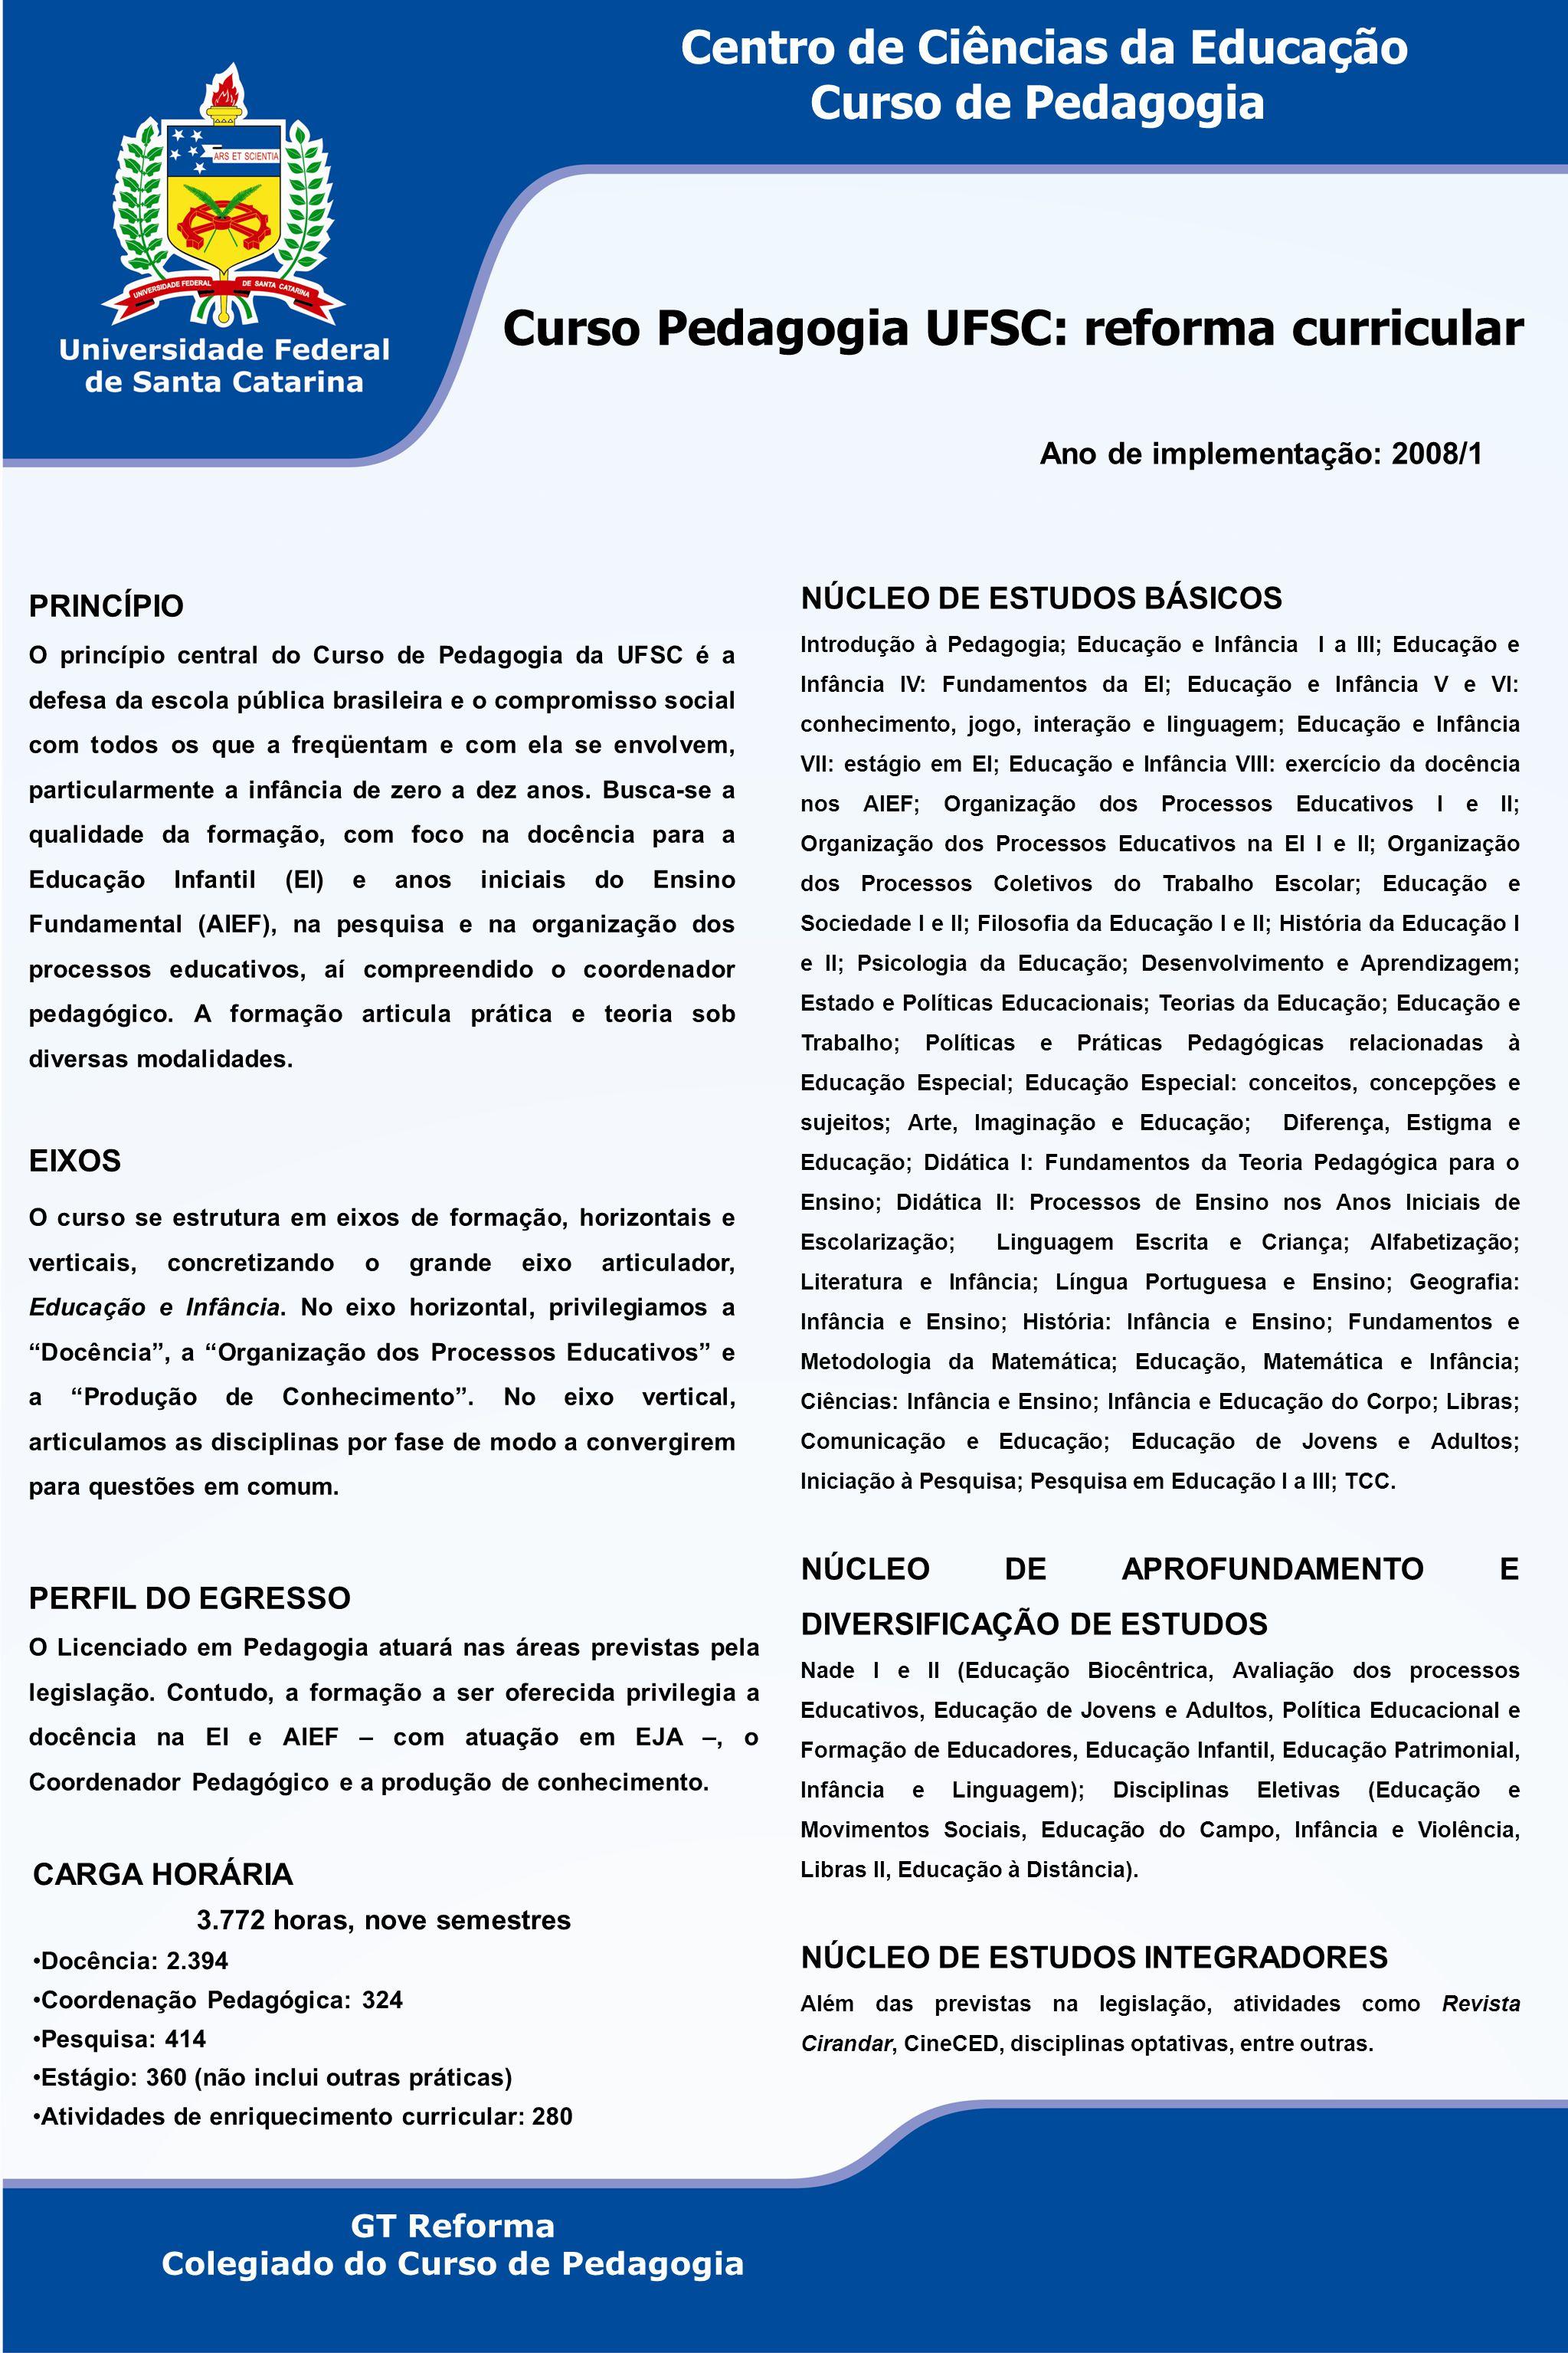 Centro de Ciências da Educação Curso de Pedagogia Curso Pedagogia UFSC: reforma curricular Ano de implementação: 2008/1 PRINCÍPIO O princípio central